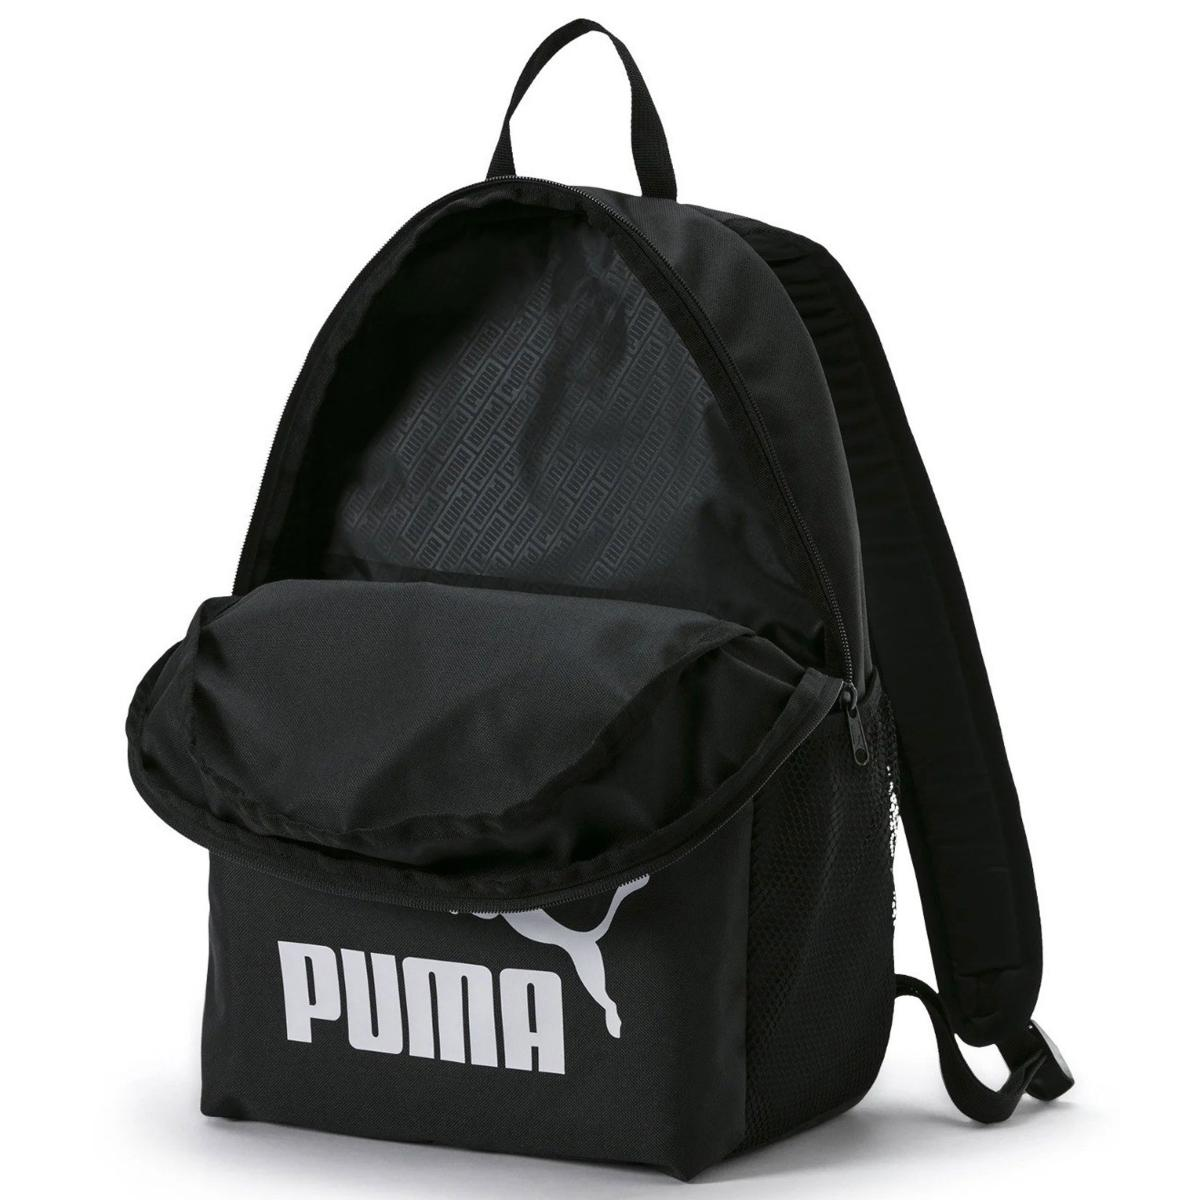 Zaino Puma Phase con stampa sulla tasca anteriore unisex rif. 075487